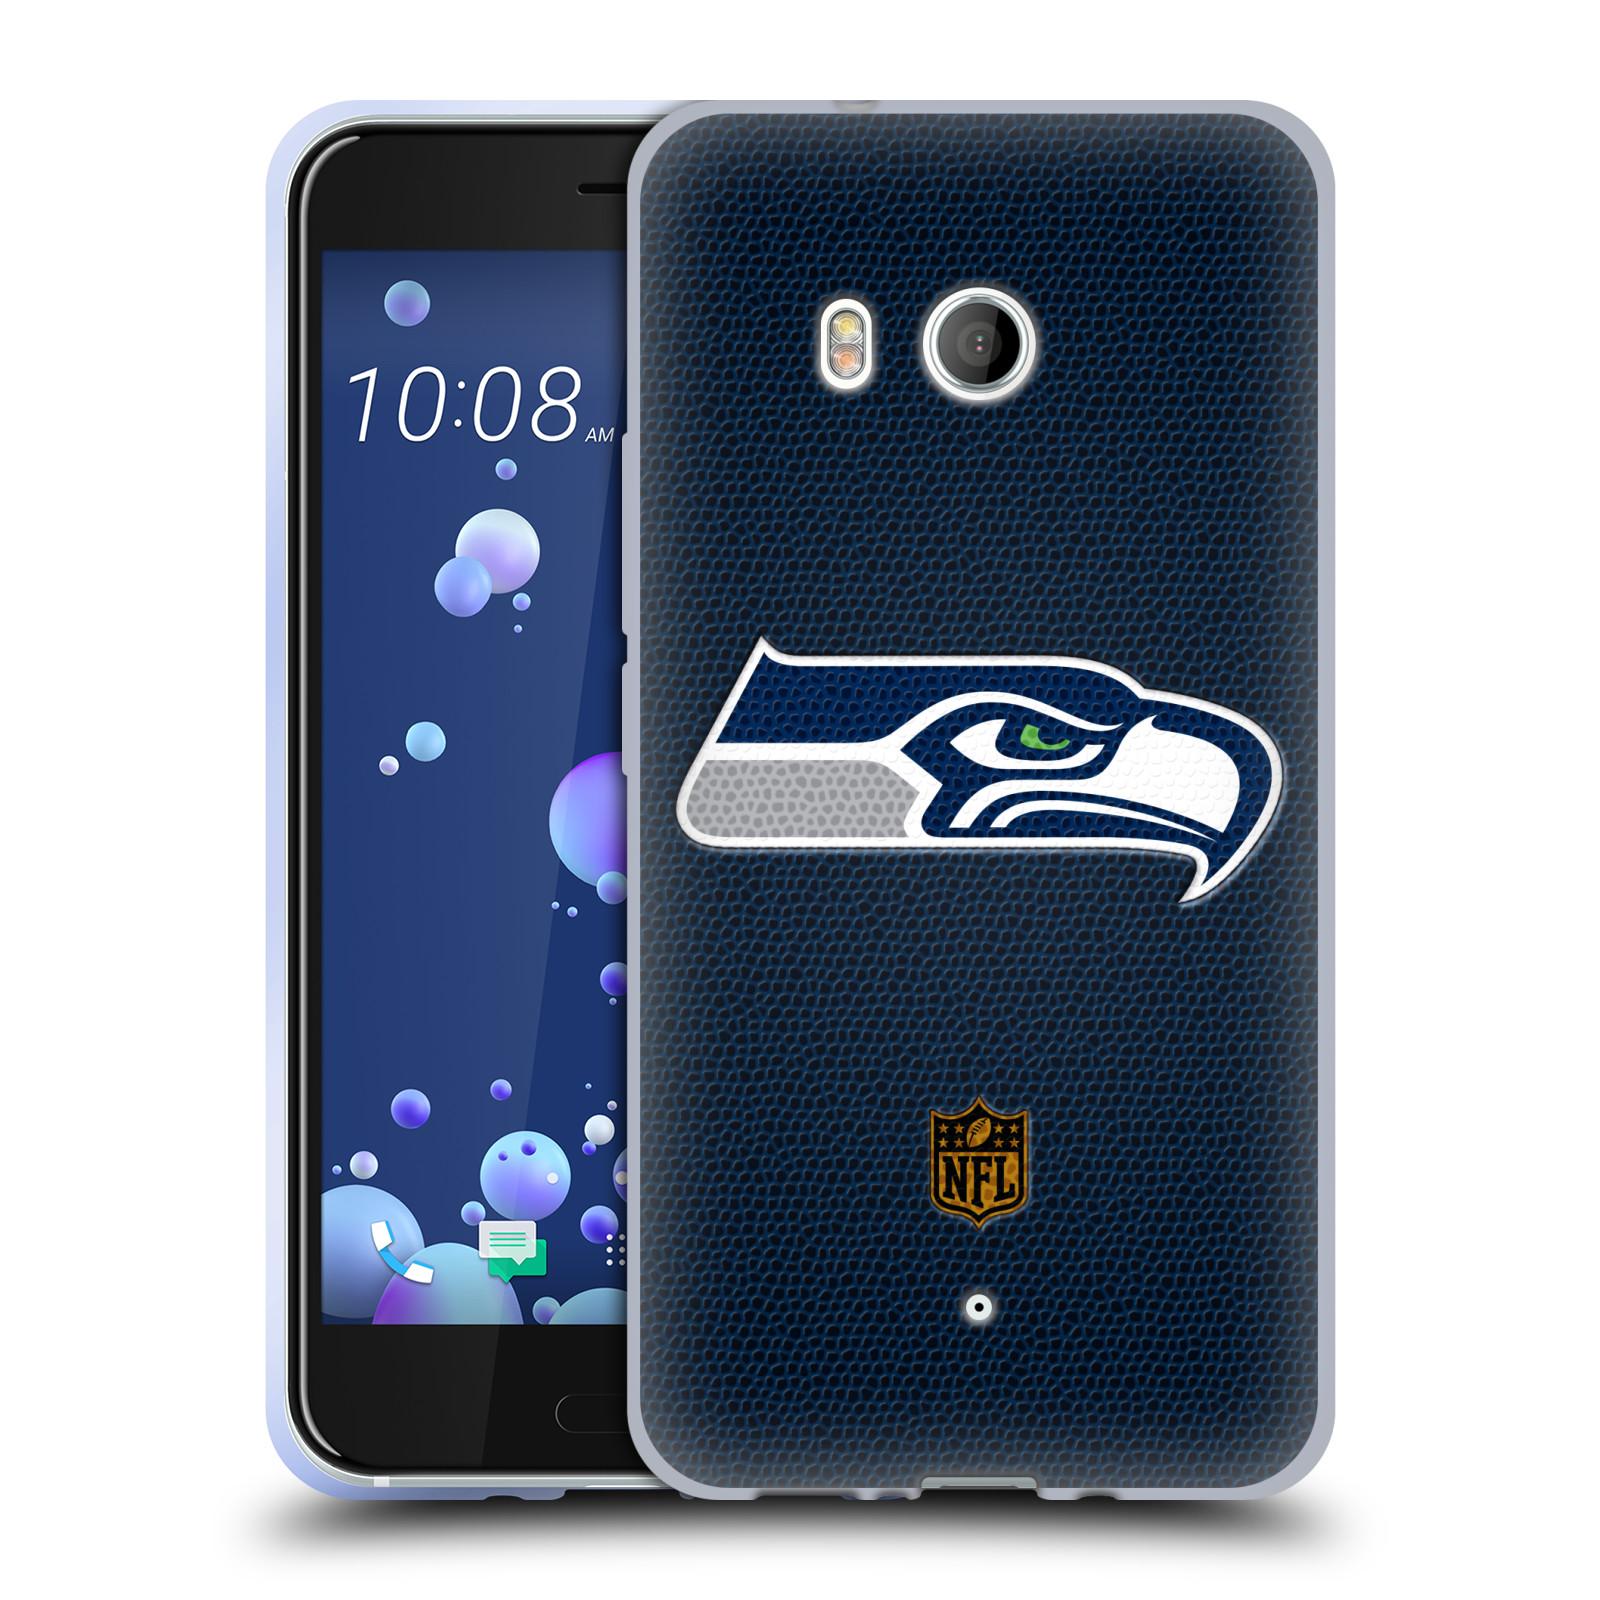 Logotipo-oficial-de-la-NFL-Seattle-Seahawks-caso-De-Gel-Suave-para-TELEFONOS-HTC-1